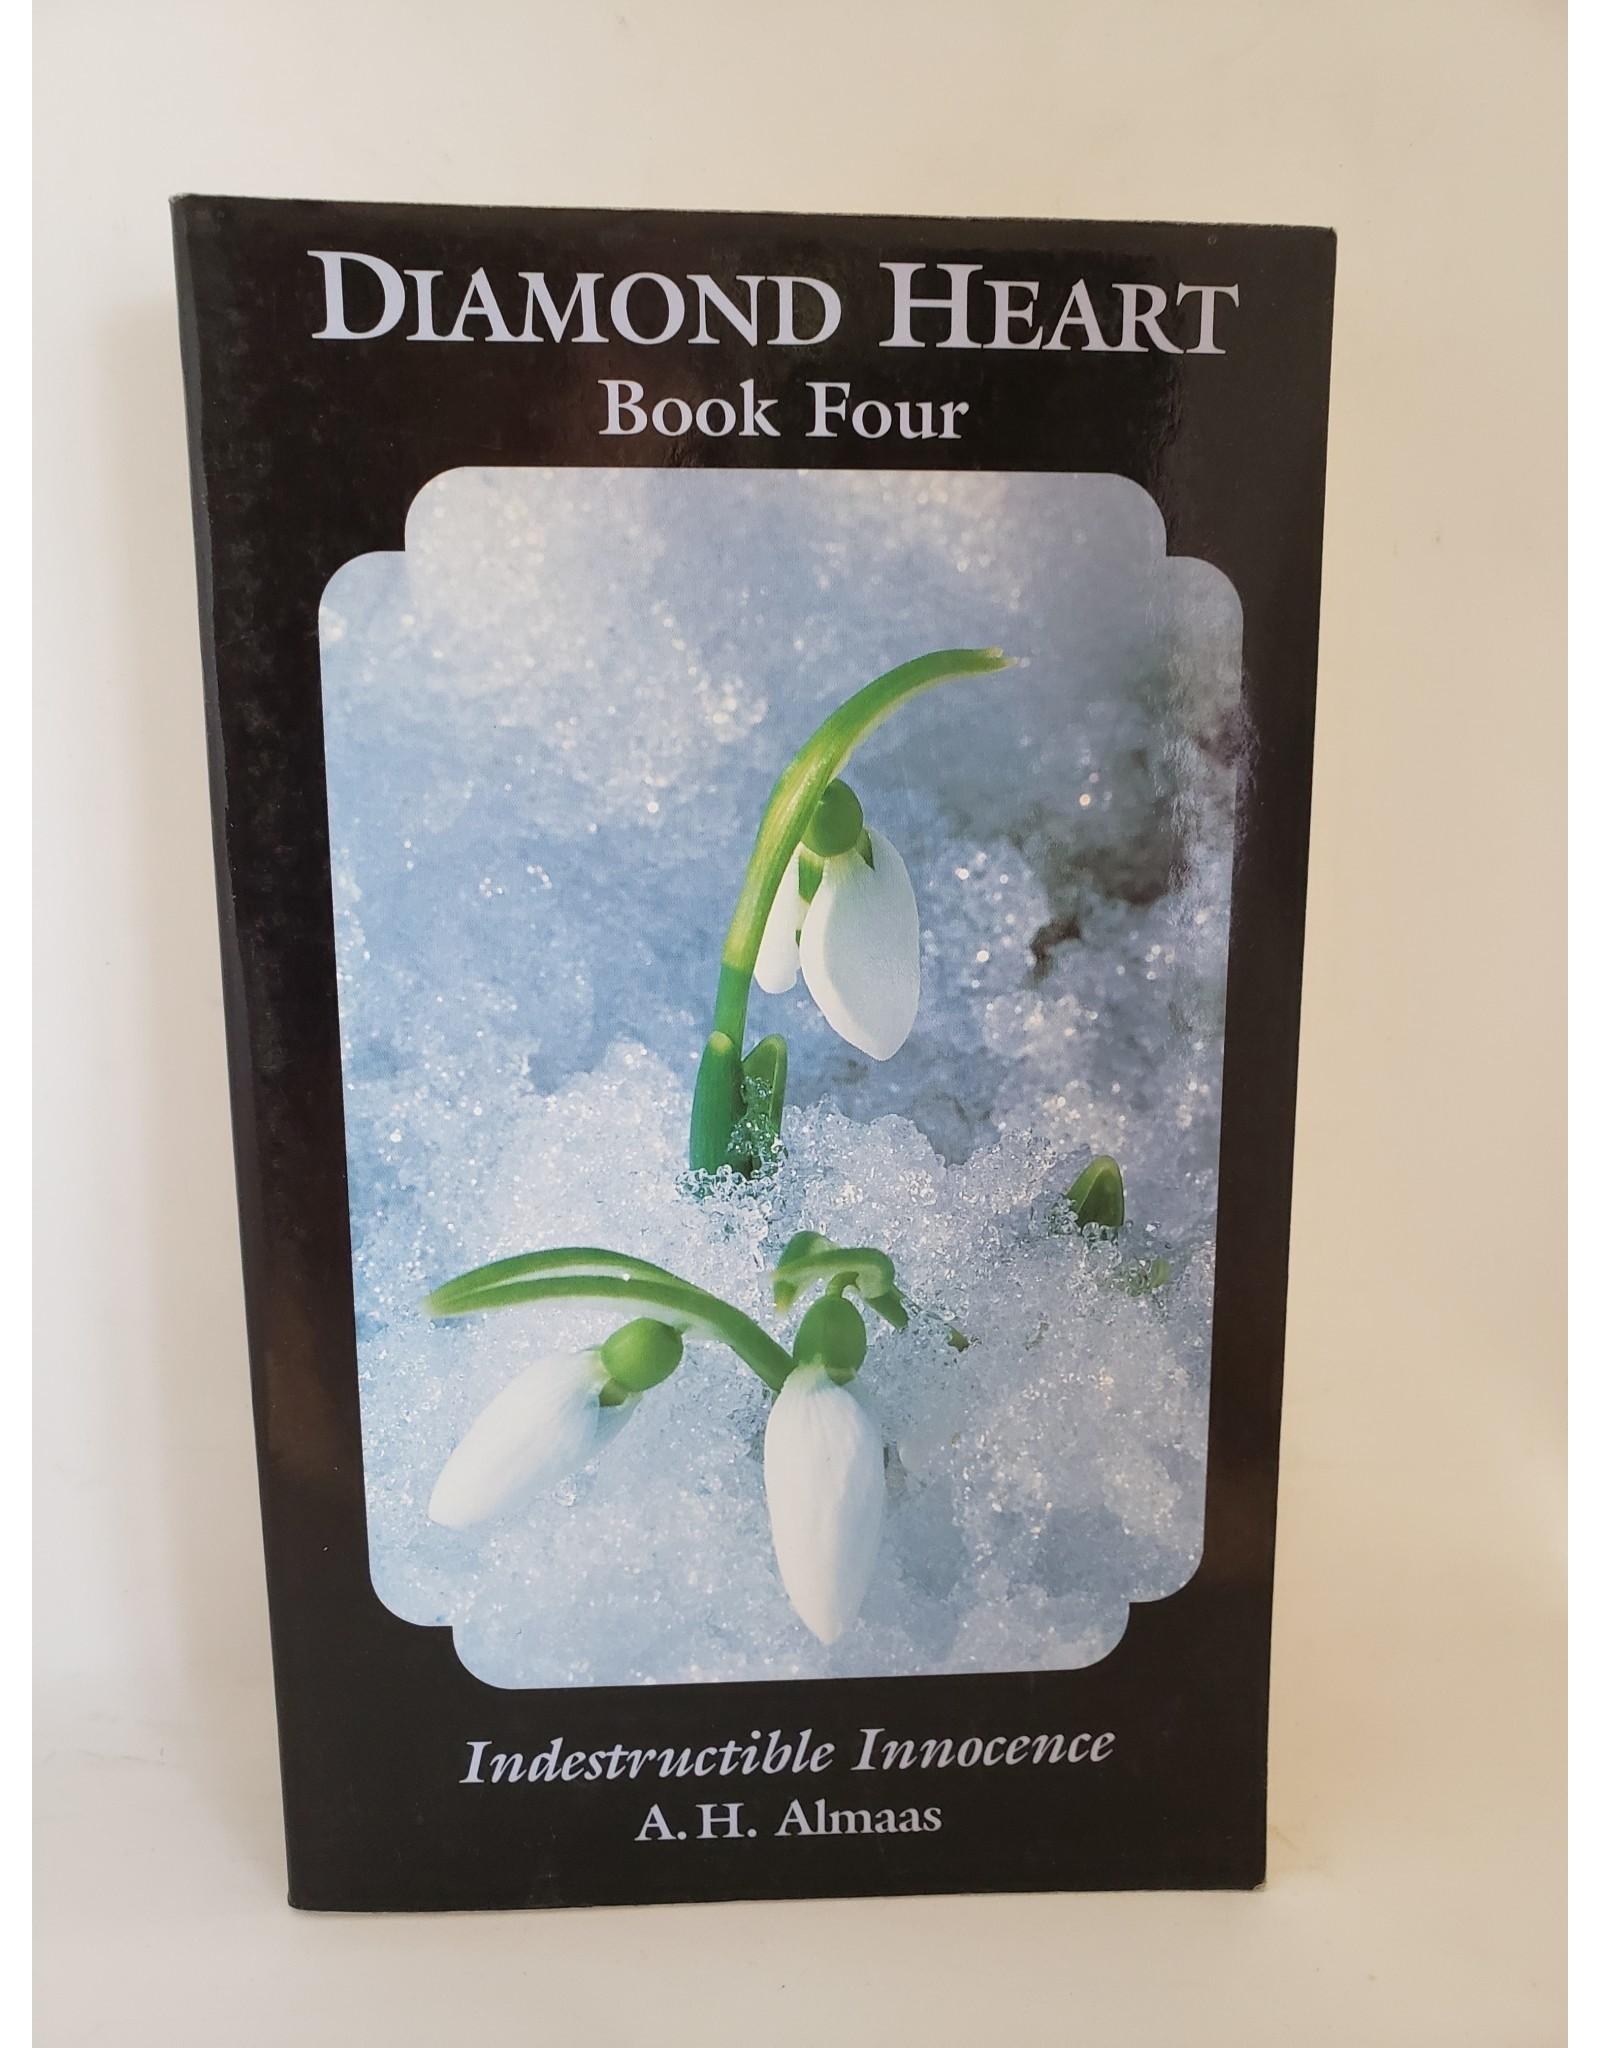 Diamond Heart Book Four